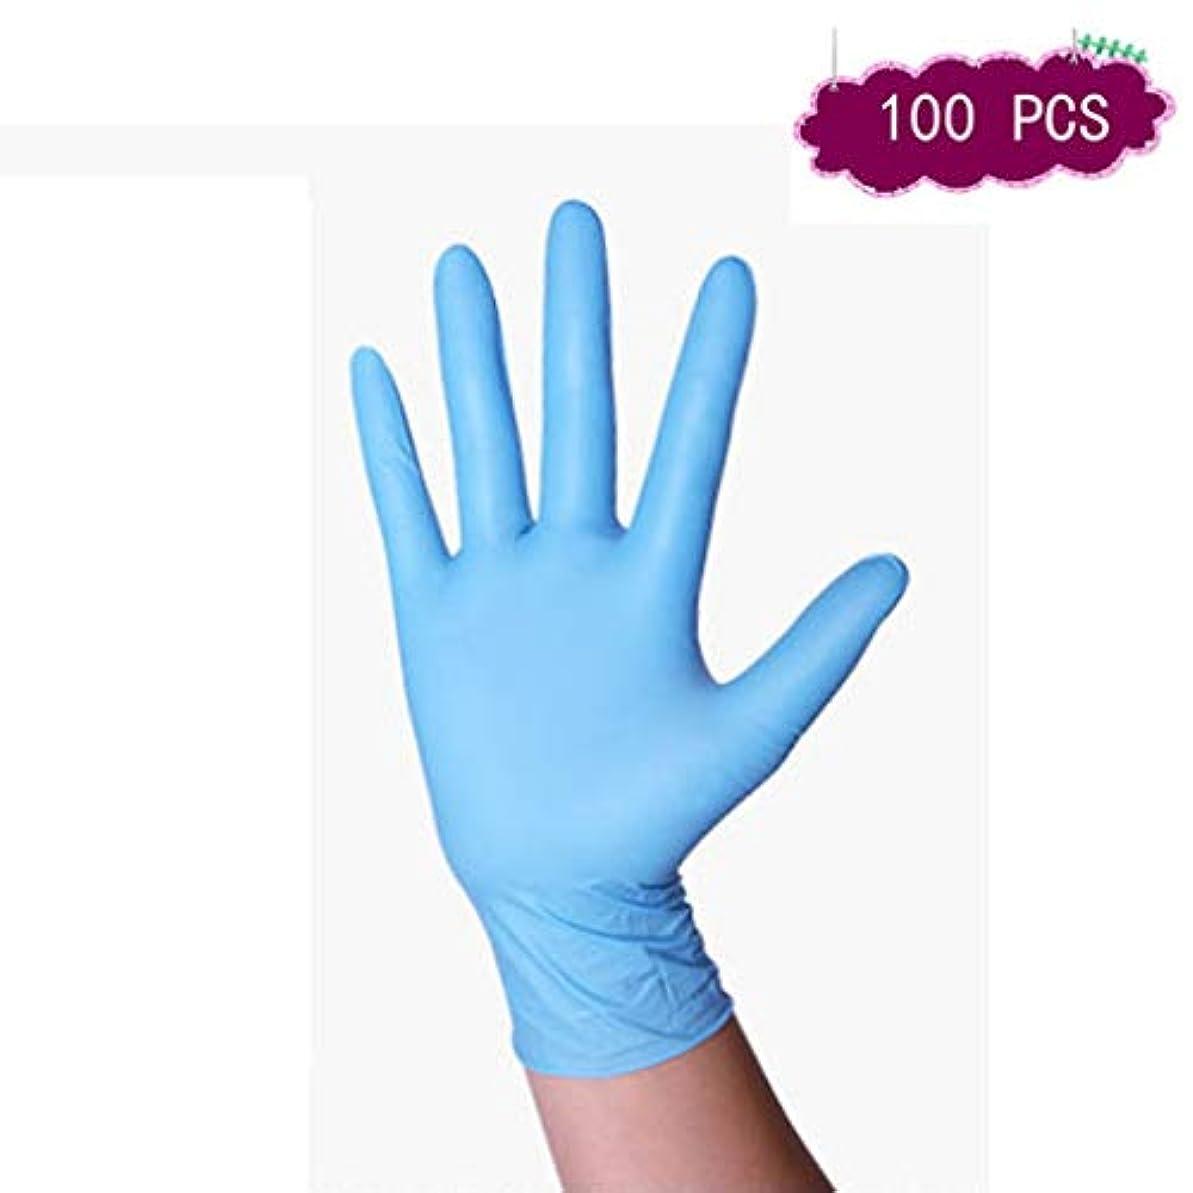 キャスト失われたシャーロックホームズ使い捨てラテックス手袋ニトリルパウダーフリーの耐久性のある青の保護食品研究所のスキッド手袋なしパウダー (Color : 9 inch, Size : L)